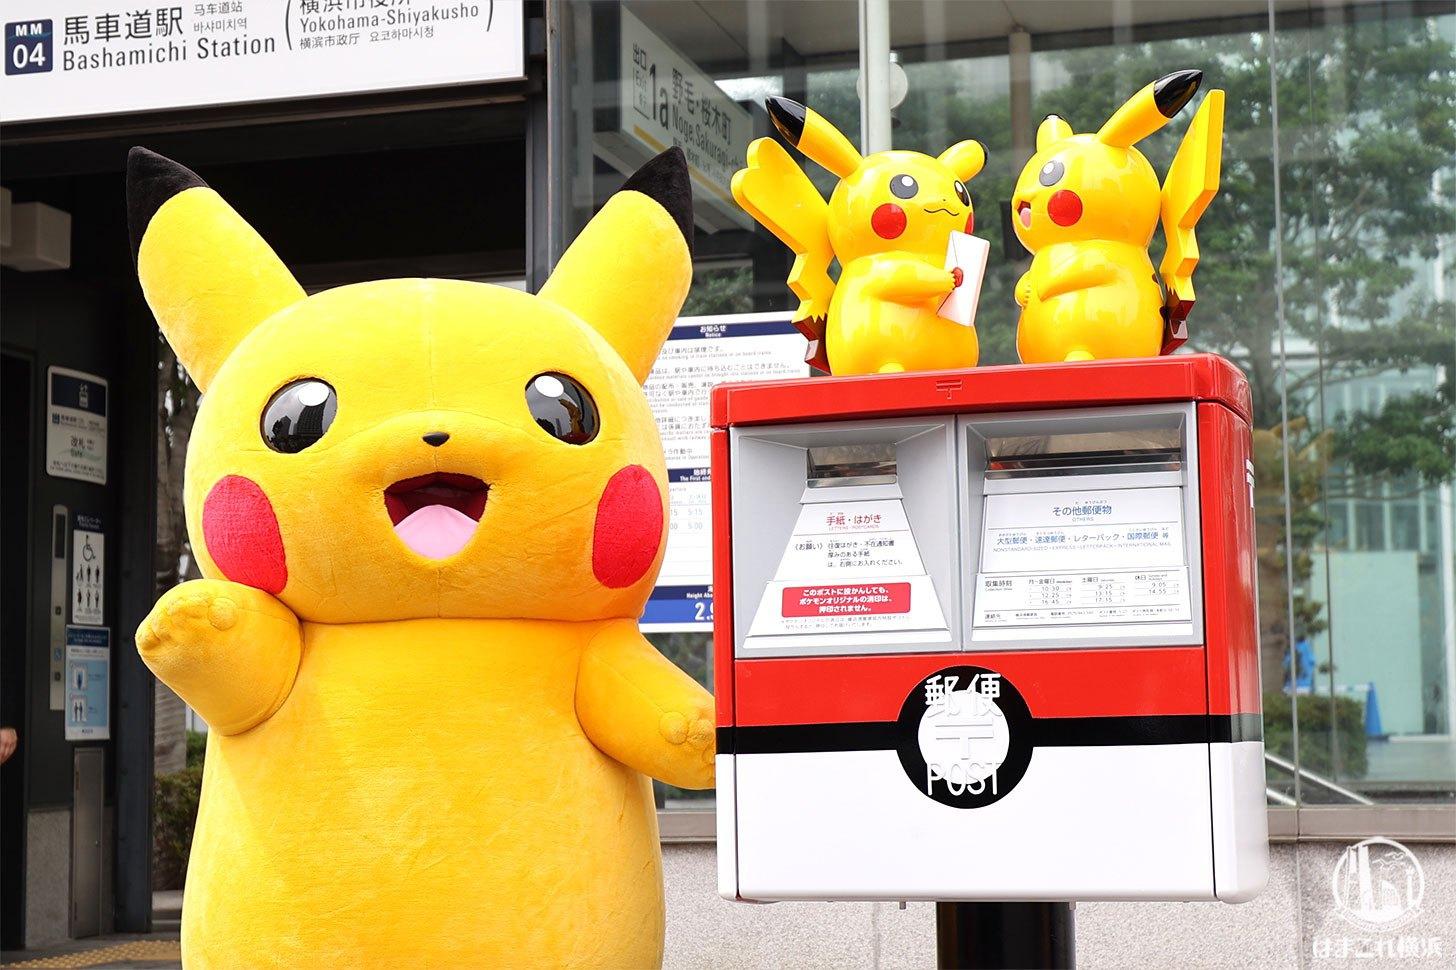 横浜のポケモンオリジナルポスト3台見てきた!ポケモン切手の可愛さにも一目惚れ